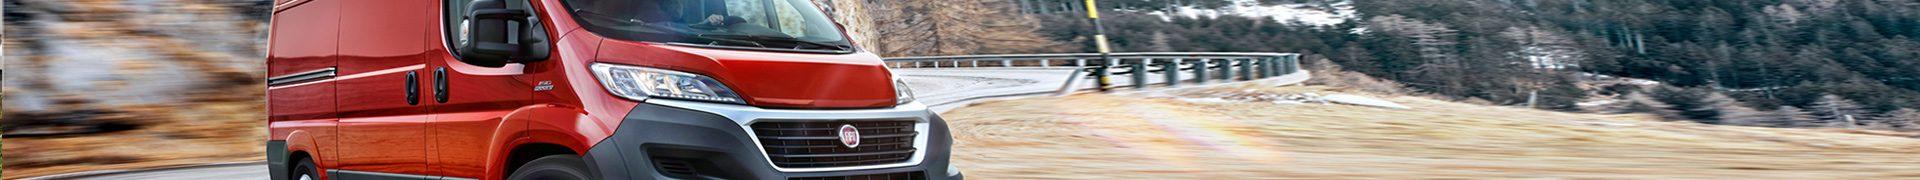 Ремонт грузовых автомобилей Fiat (Фиат)